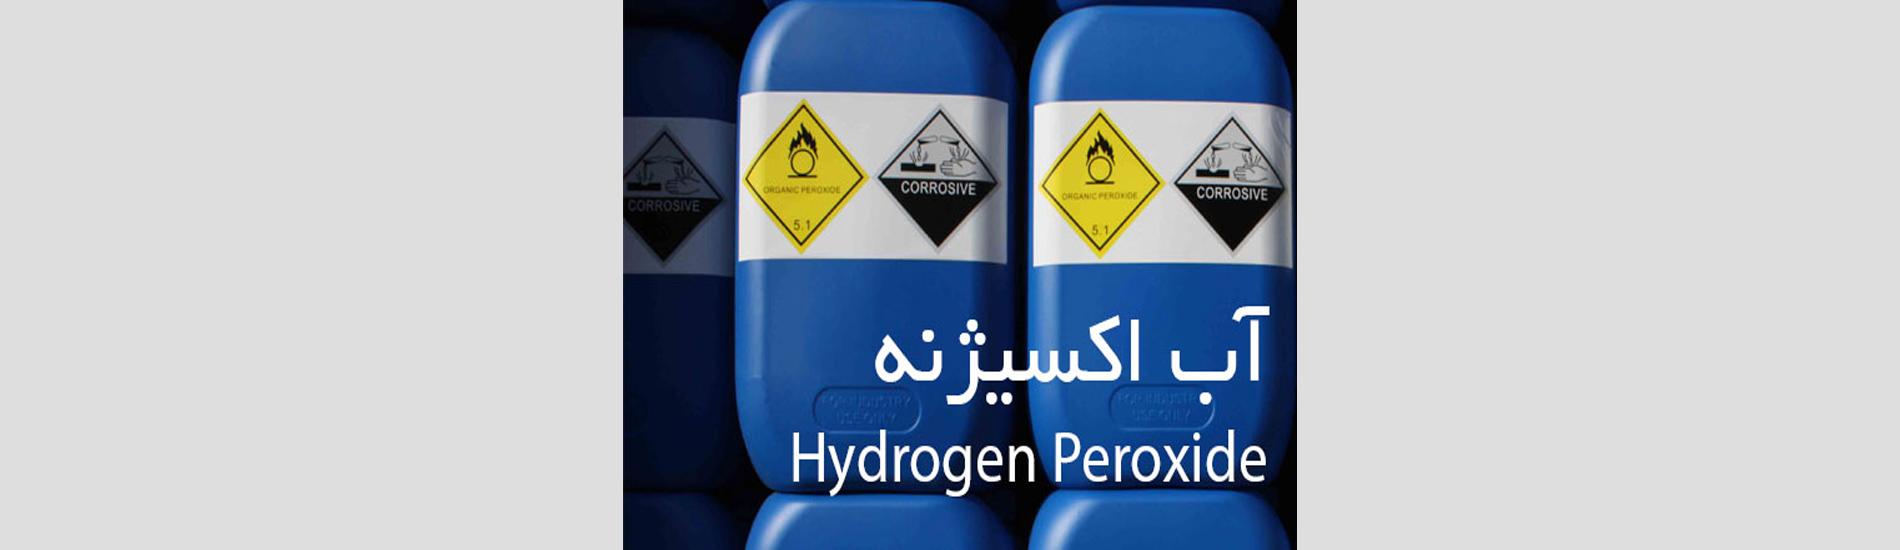 آب اکسیژنه و کاربرد آن در کشاورزی